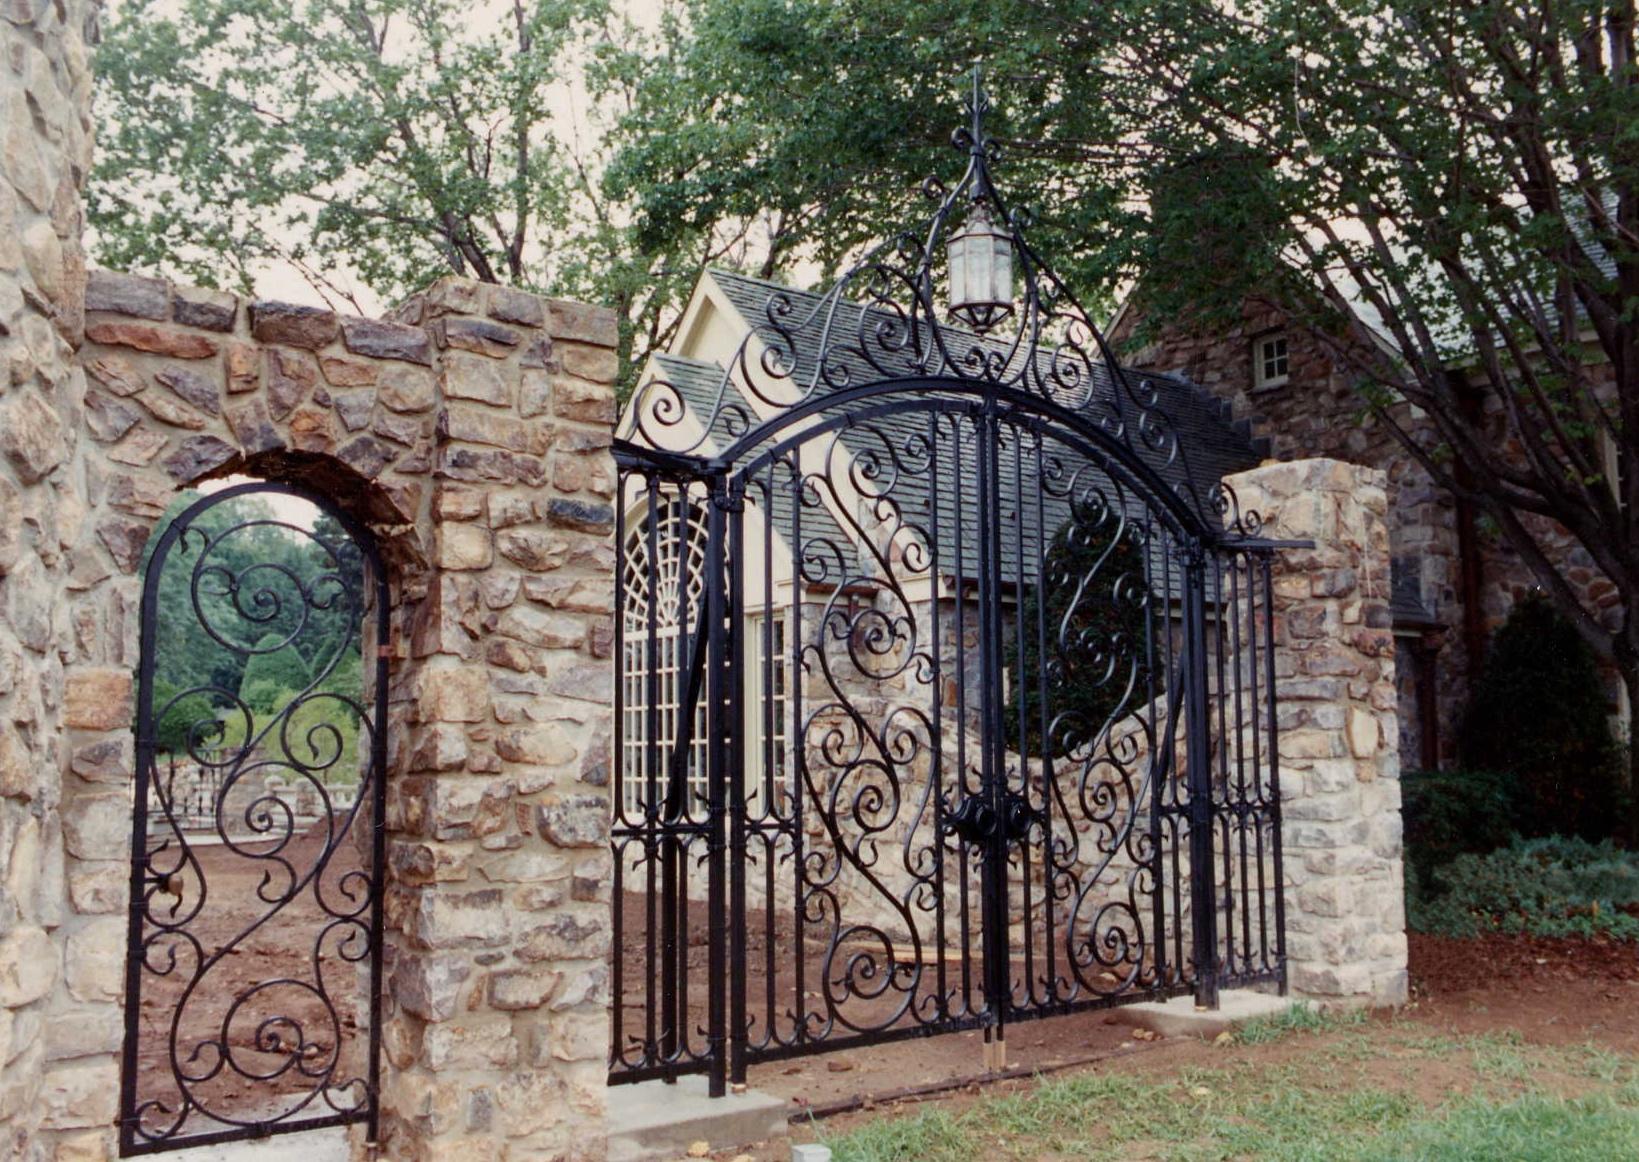 Garden Gates and Lantern